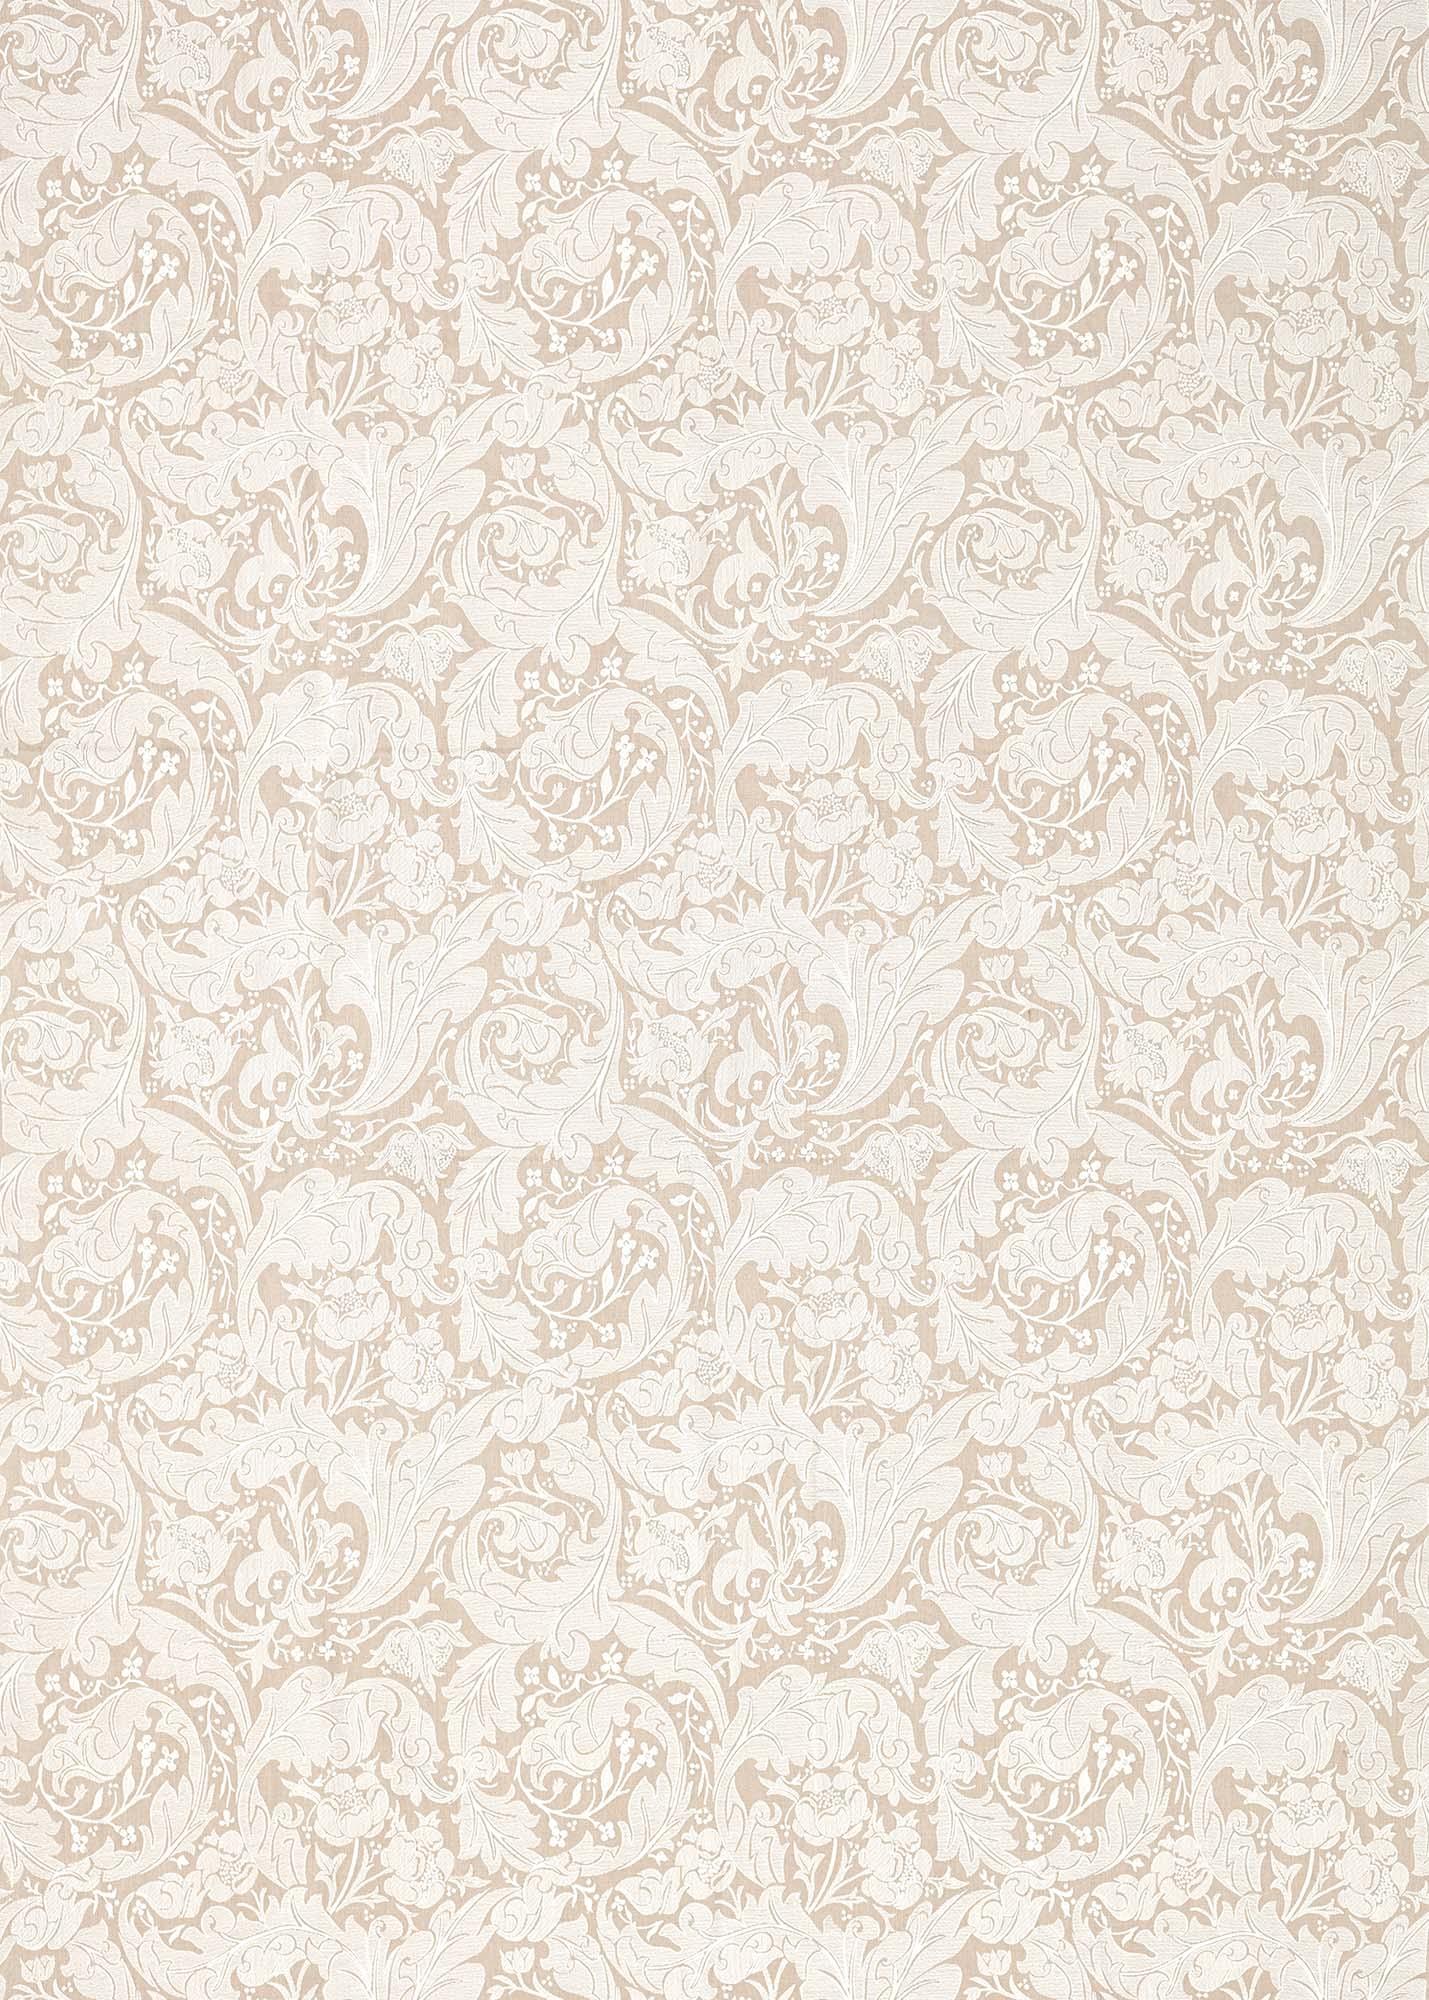 ウィリアムモリス生地 Pure Bachelors Button Embroidery 236617